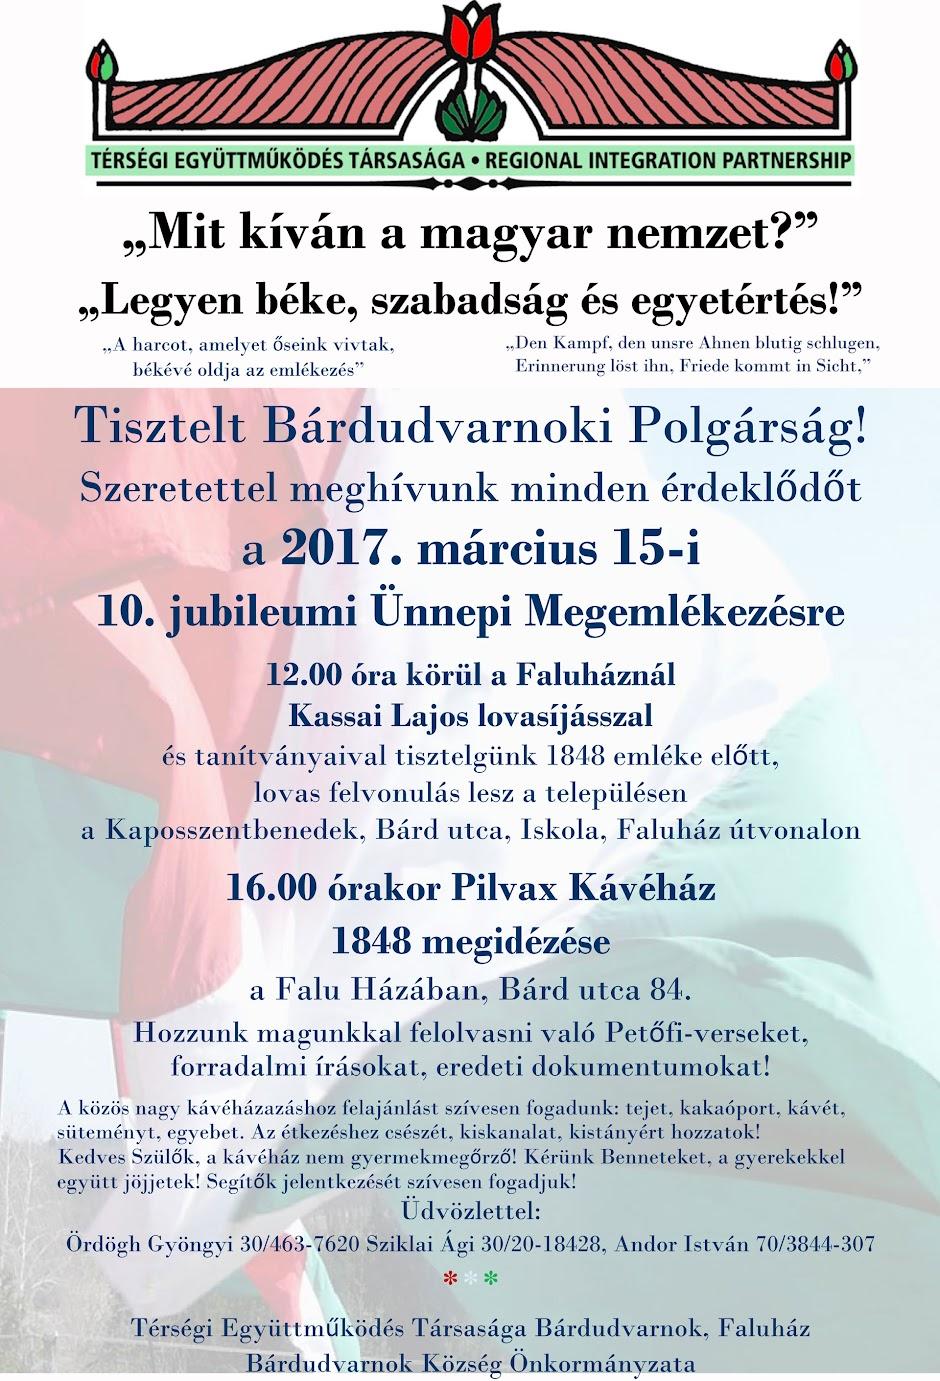 Felhívásaink a március 15-i Pilvax Kávéházi Ünnepi Megemlékezéshez